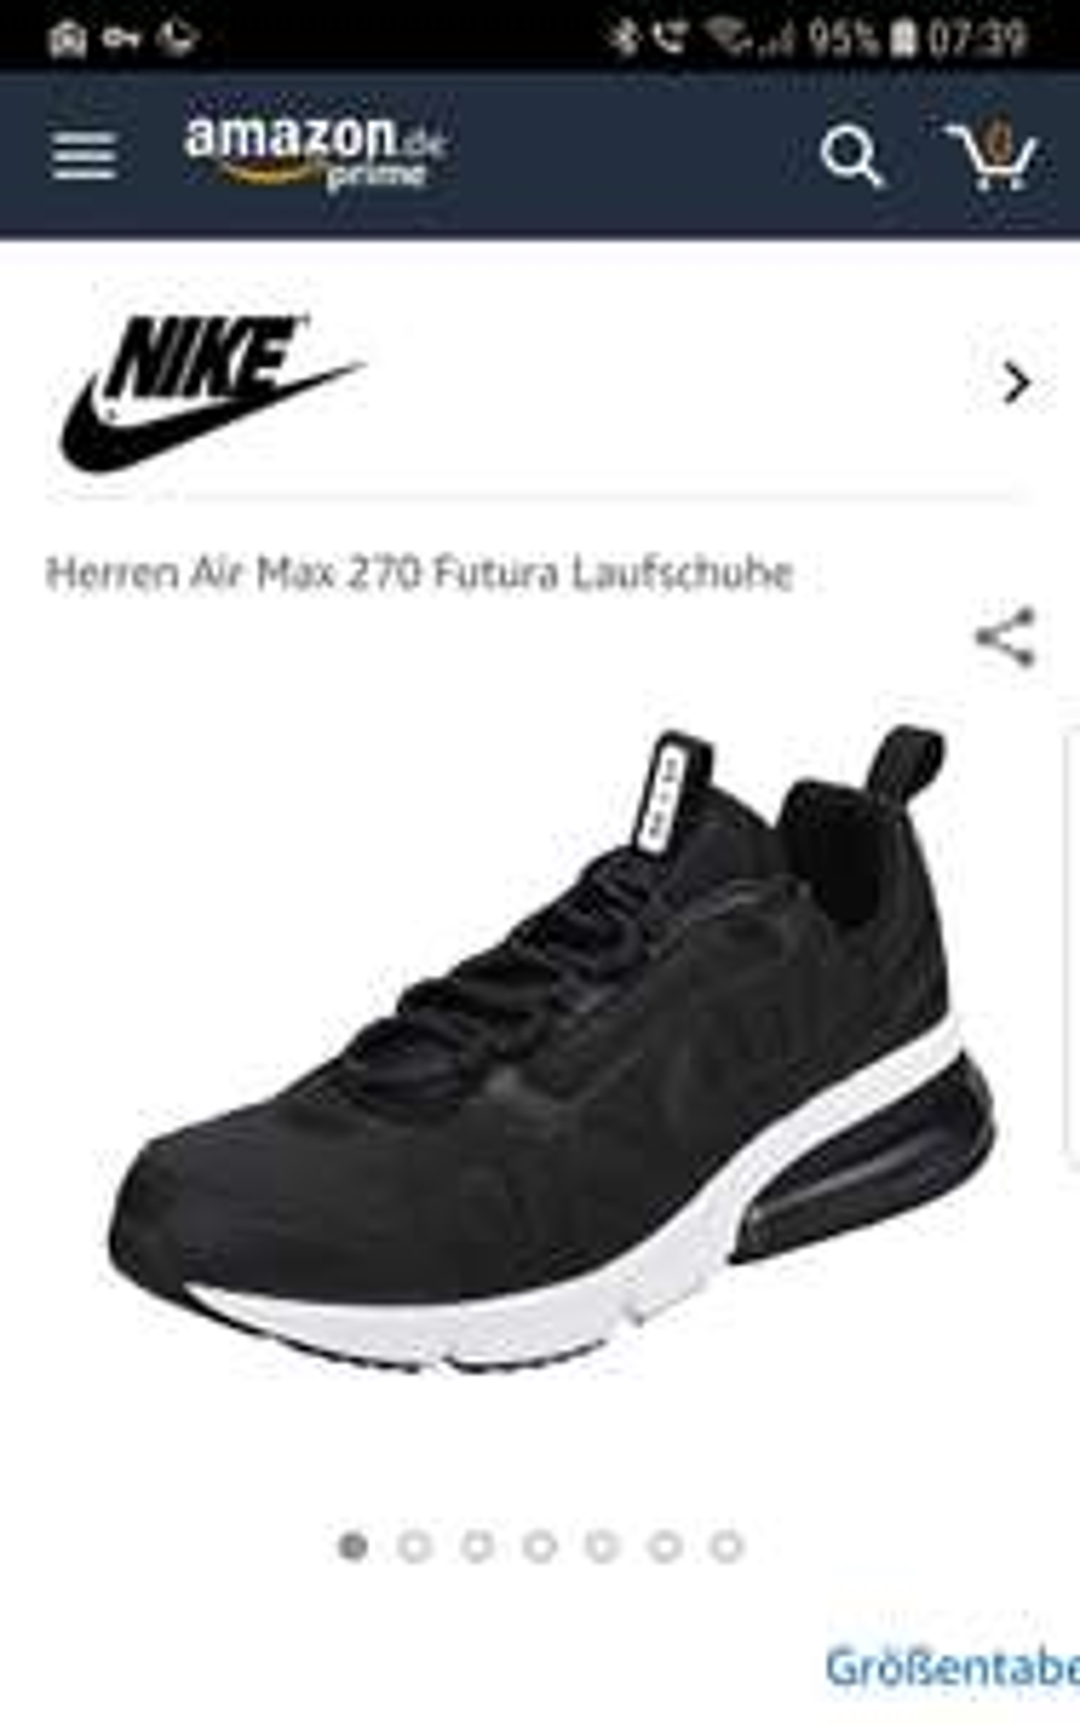 Nike Air max 270 Futura Schwarz bei Amazon